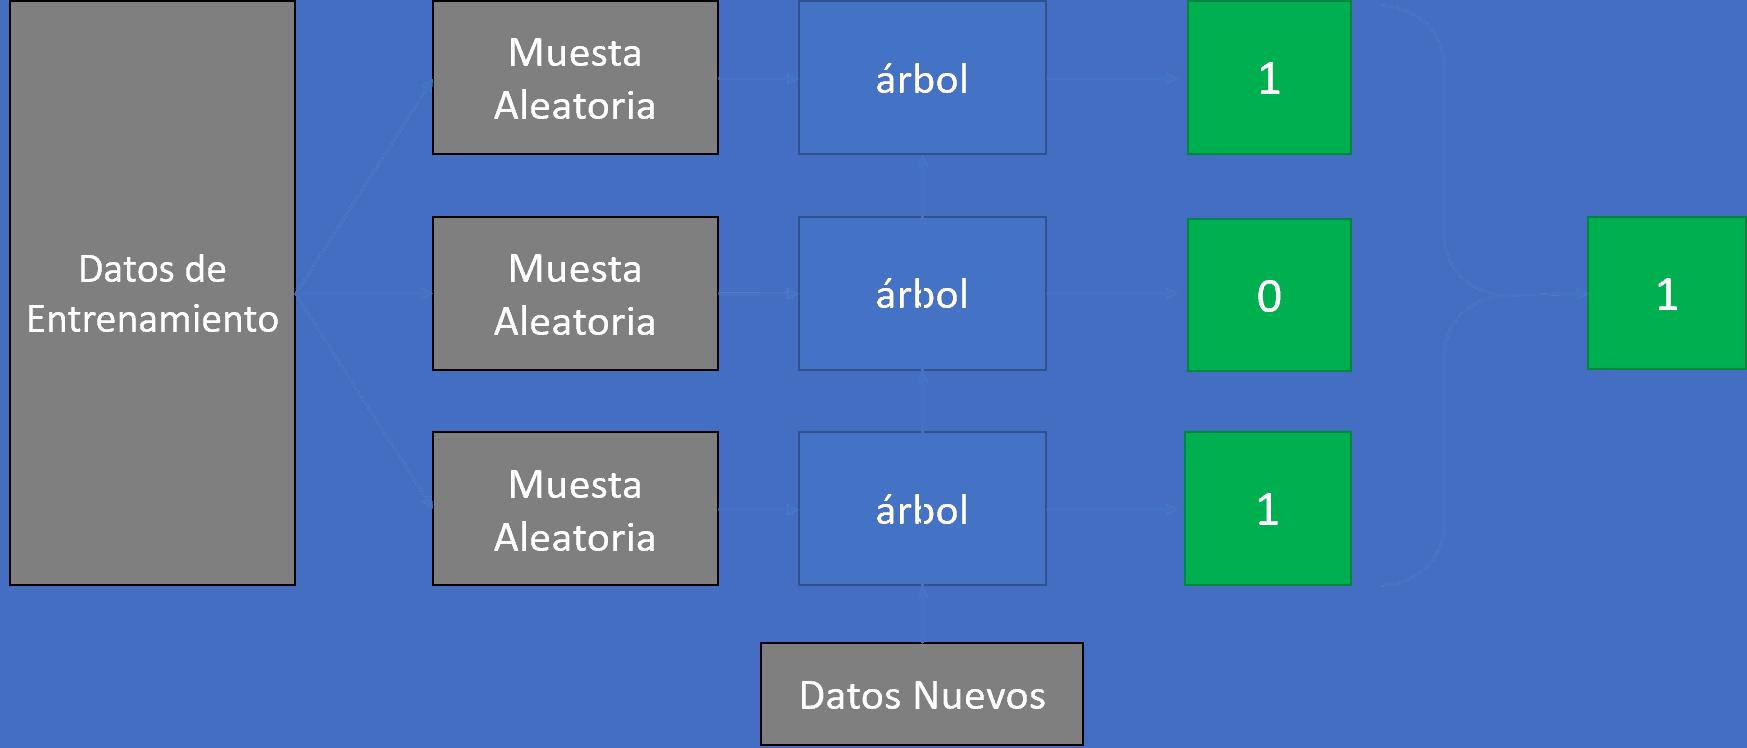 Random Forest (Bosque Aleatorio) es un conjunto (ensemble) de árboles de decisión combinados con bagging